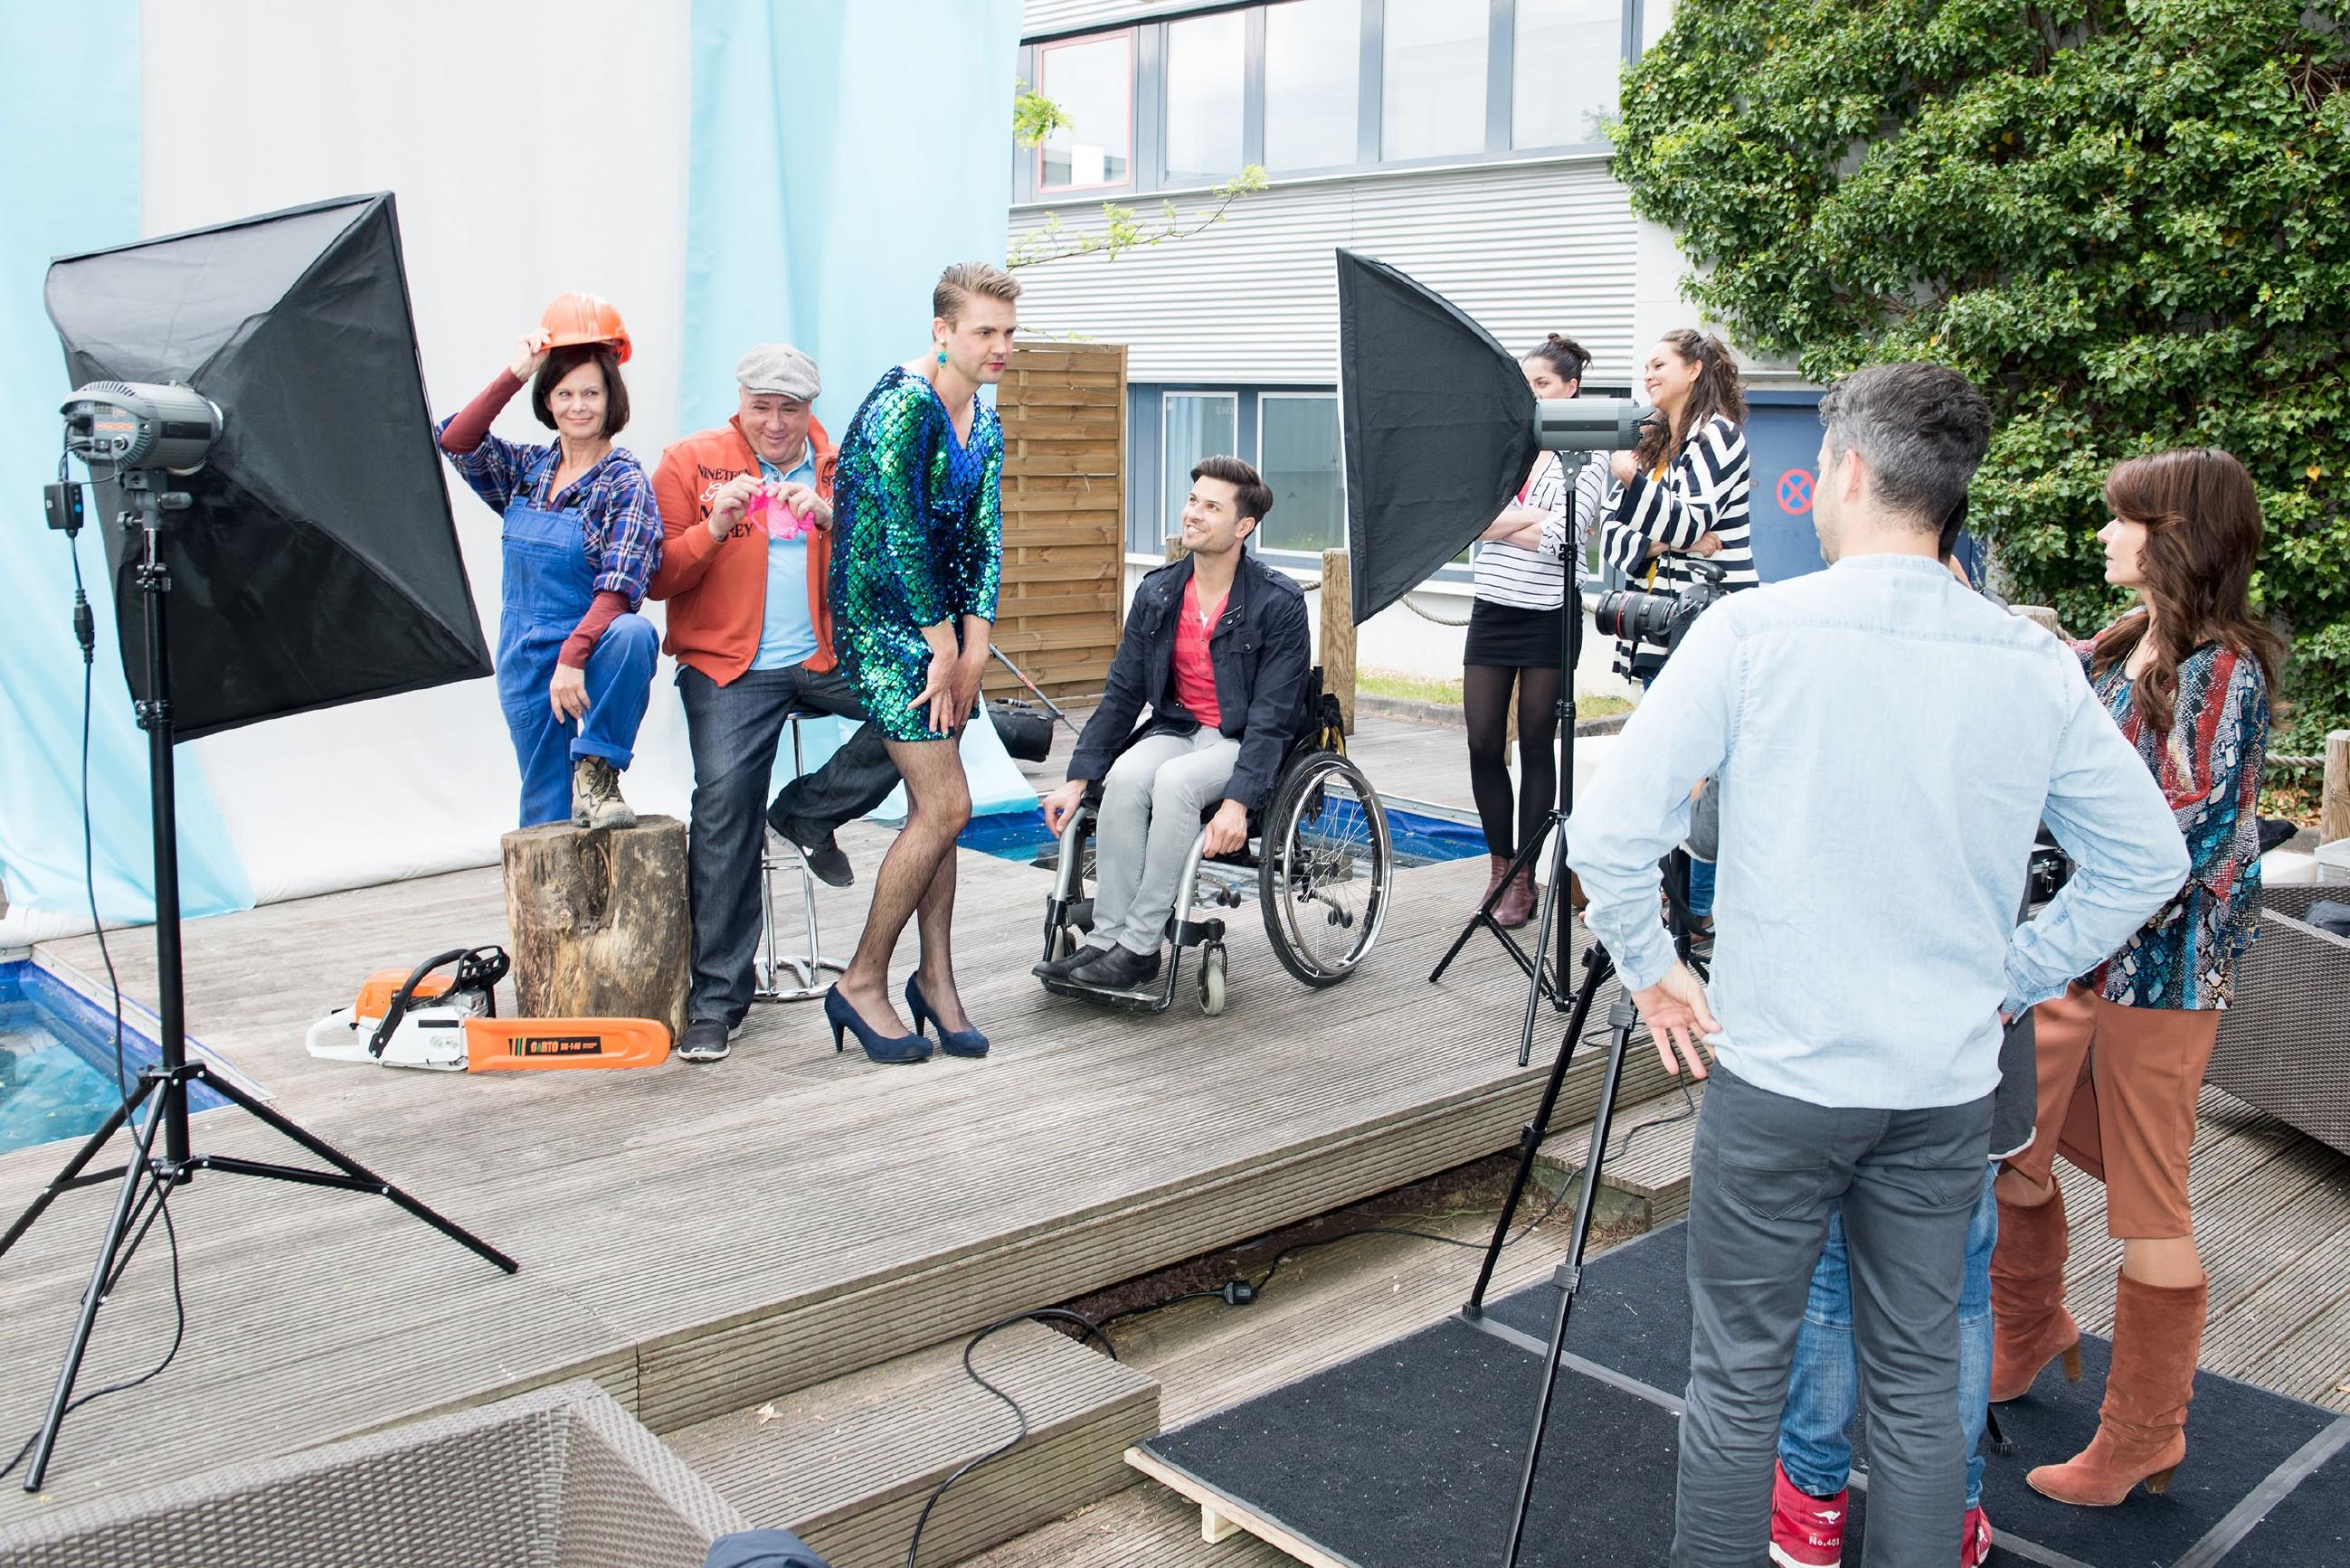 Das Kampagnen-Fotoshooting mit (v.l.) Irene (Petra Blossey), Roger (Ramon Ademes) und vor allem Bambi (Benjamin Heinrich) wird zur Begeisterung von Paco (Milos Vukovic), Sina (Valea Katharina Scalabrino), Caro (Ines Kurenbach), Till (Ben Ruedinger) und Britta (Tabea Heynig) ein echter Erfolg. (Quelle: RTL / Stefan Behrens)